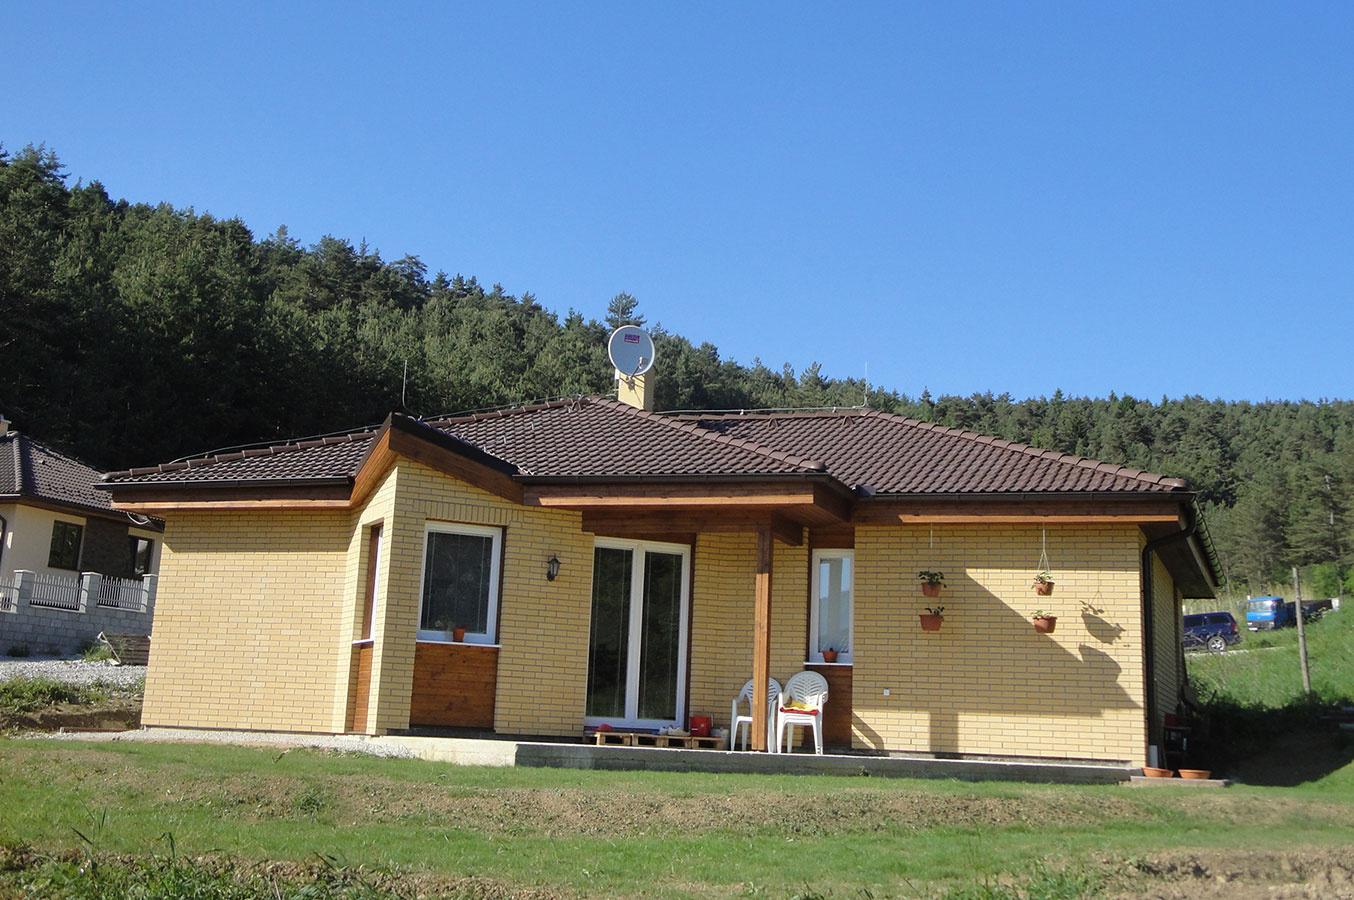 Prízemný dom s terasou, úžit. plocha 98,0 m2, osadenie do svahu